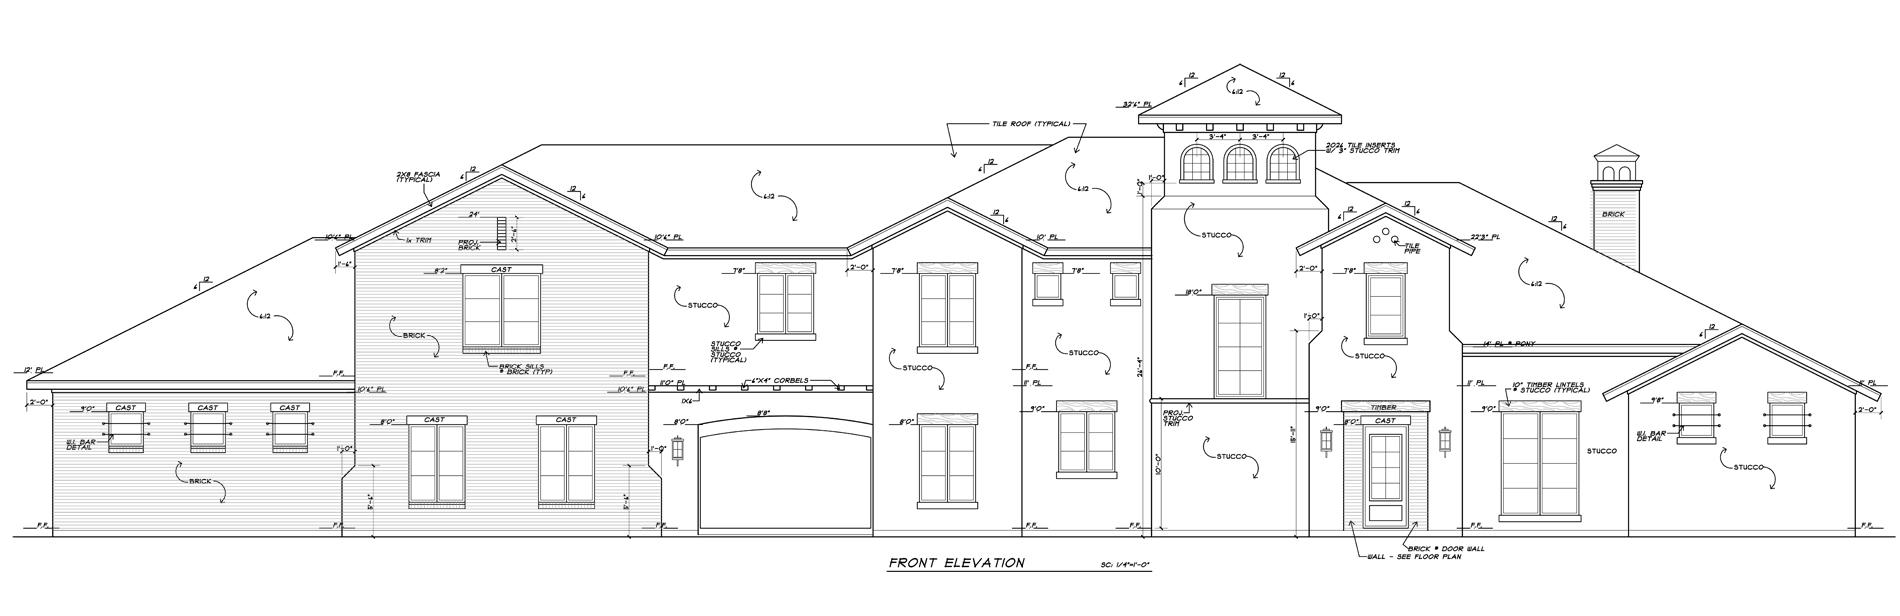 For Sale By Desco Fine Homes: New Custom Home at 1 Bella Porta Place in North Dallas, TX